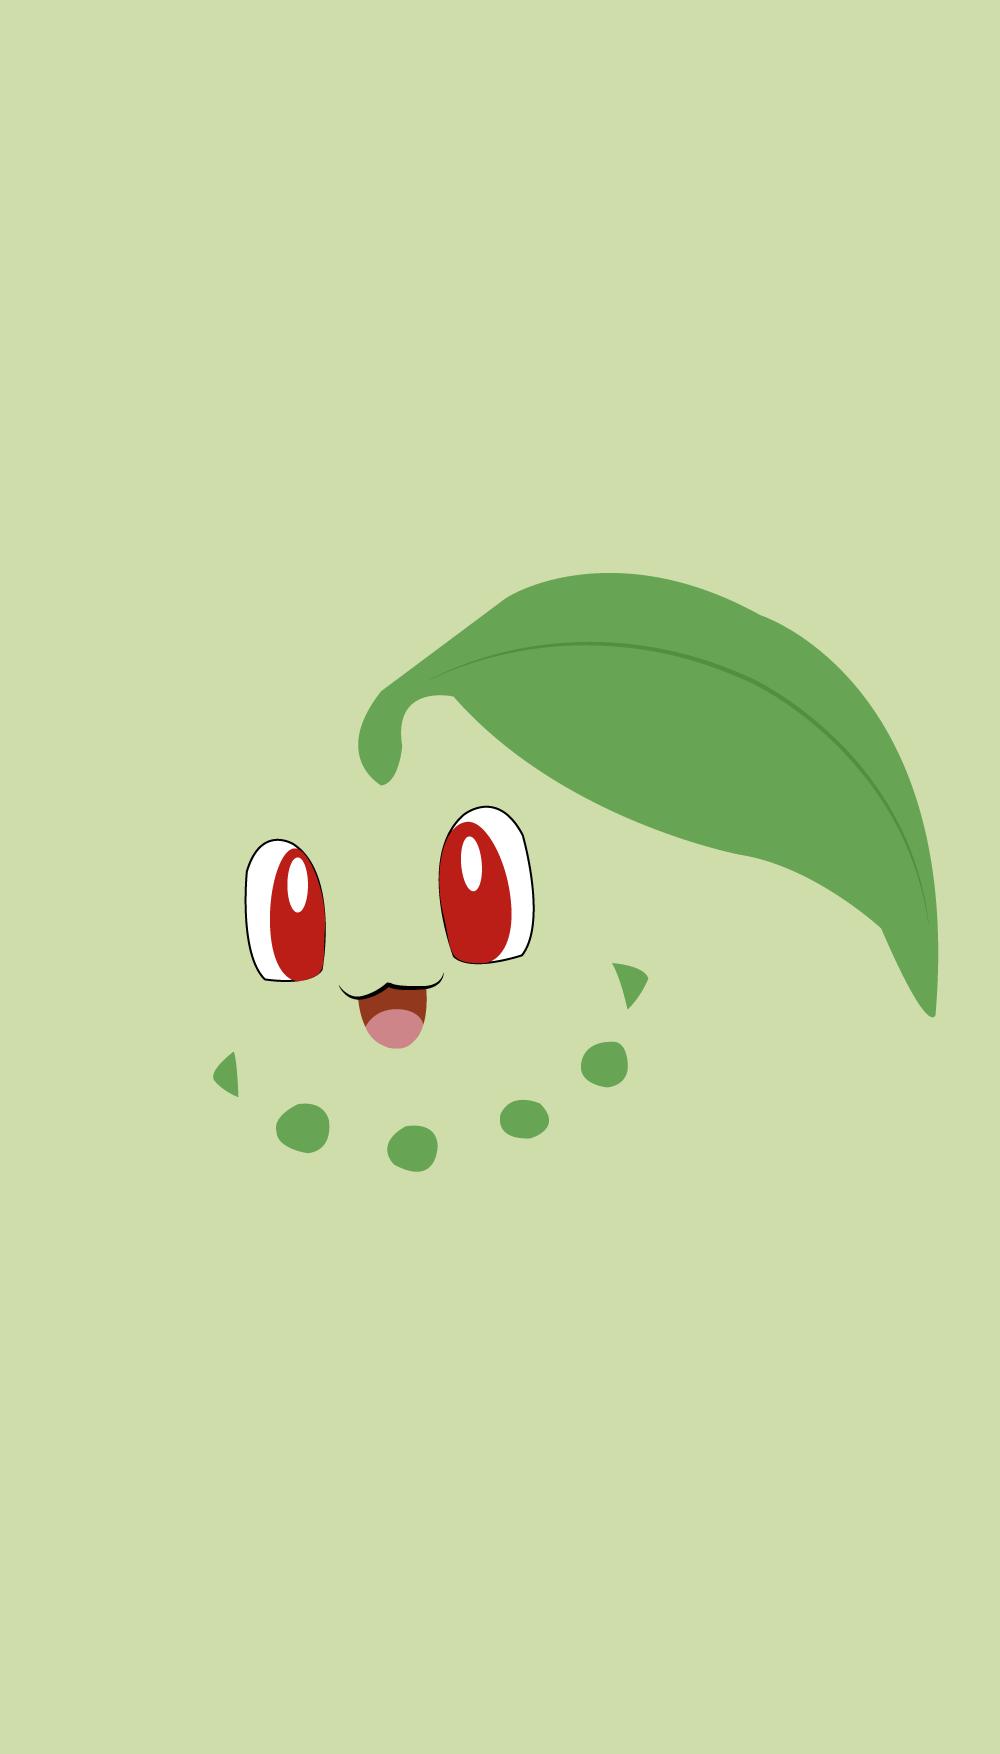 Pokemon Wallpaper Chicorita   Pokemon Chikorita Wallpaper Iphone 1000x1754